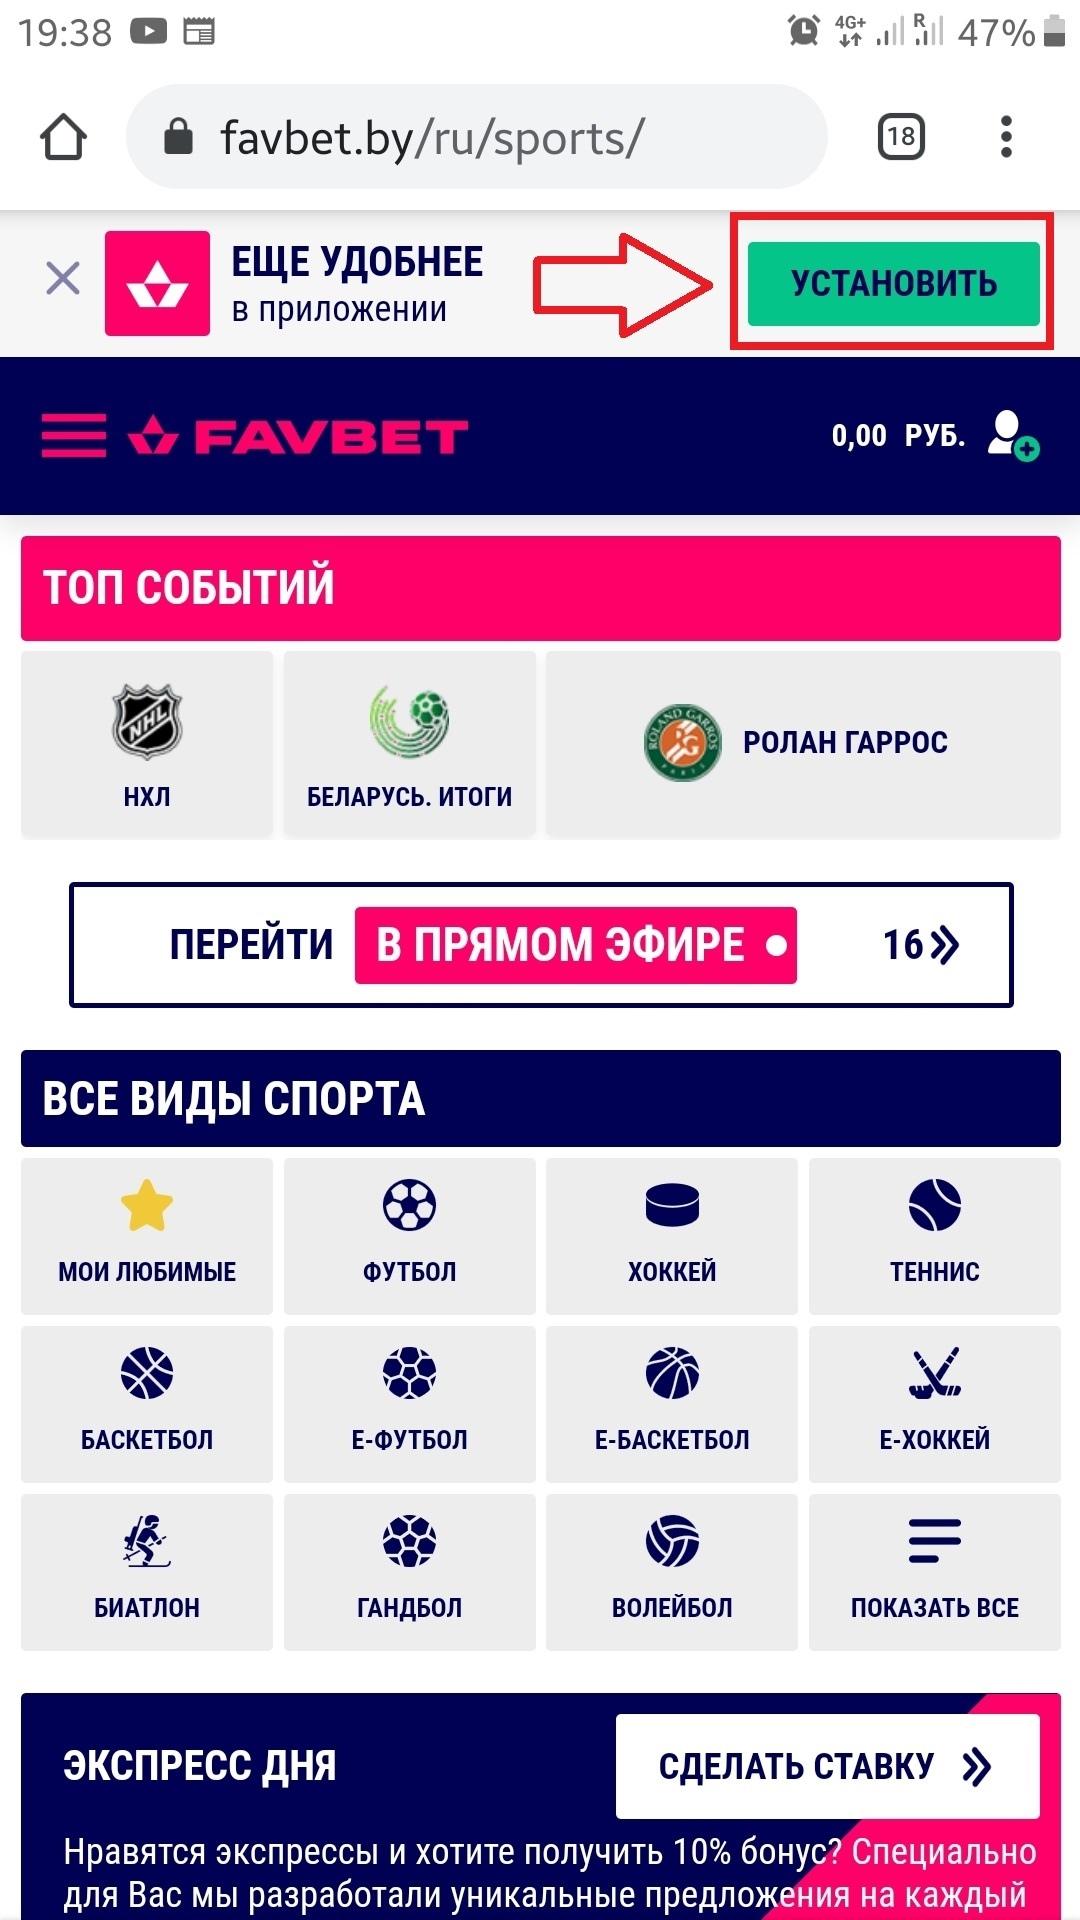 Ссылка на приложение в мобильной версии favbet.by